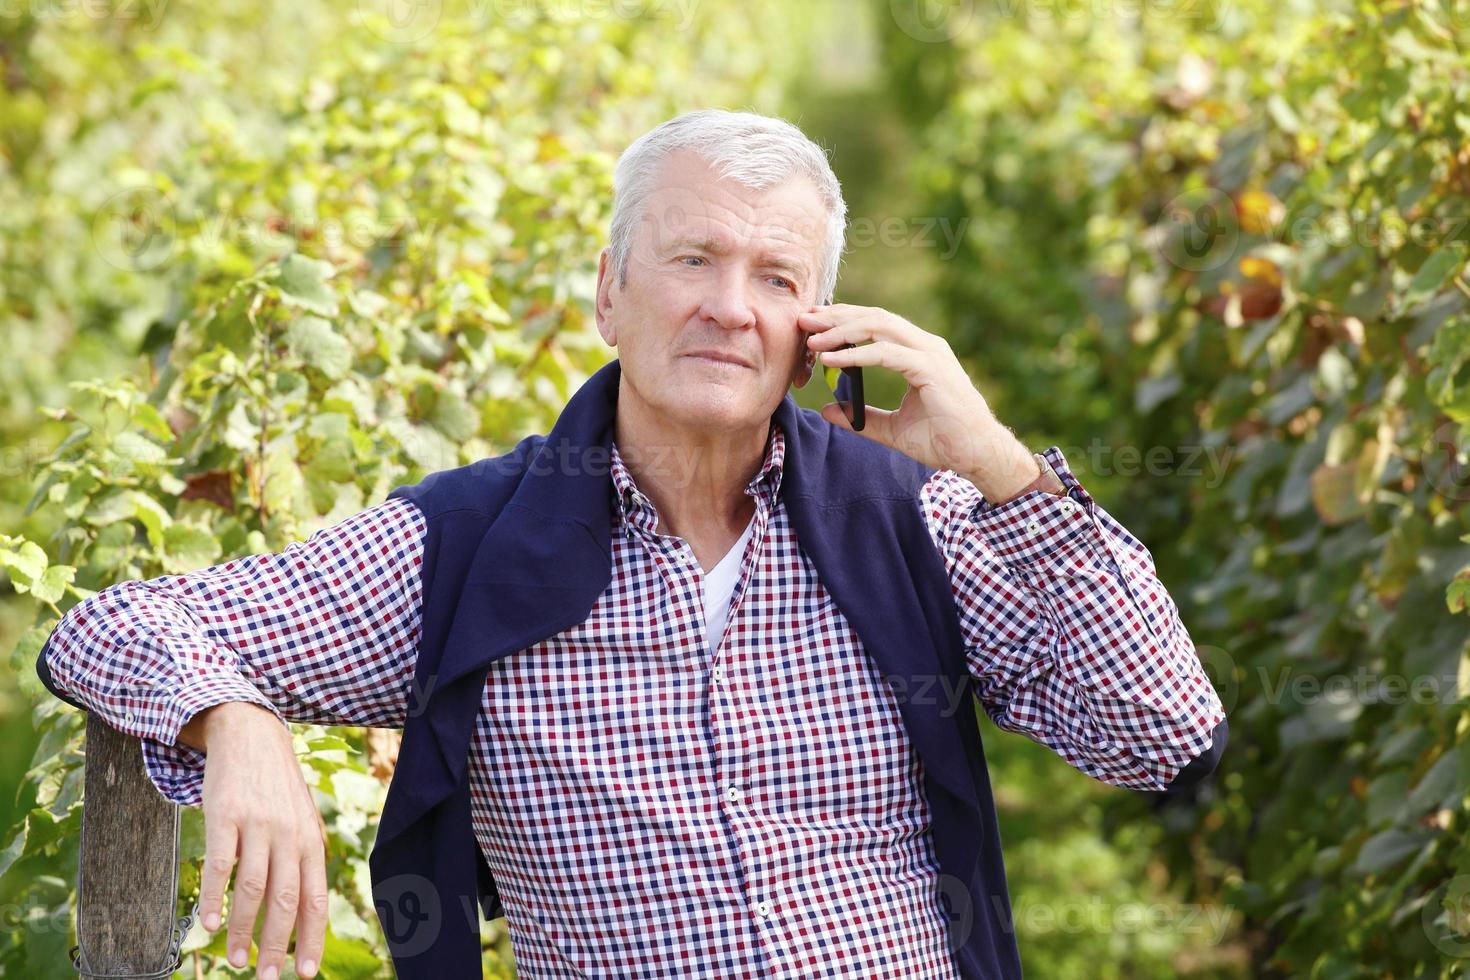 gepensioneerde wijnmaker foto